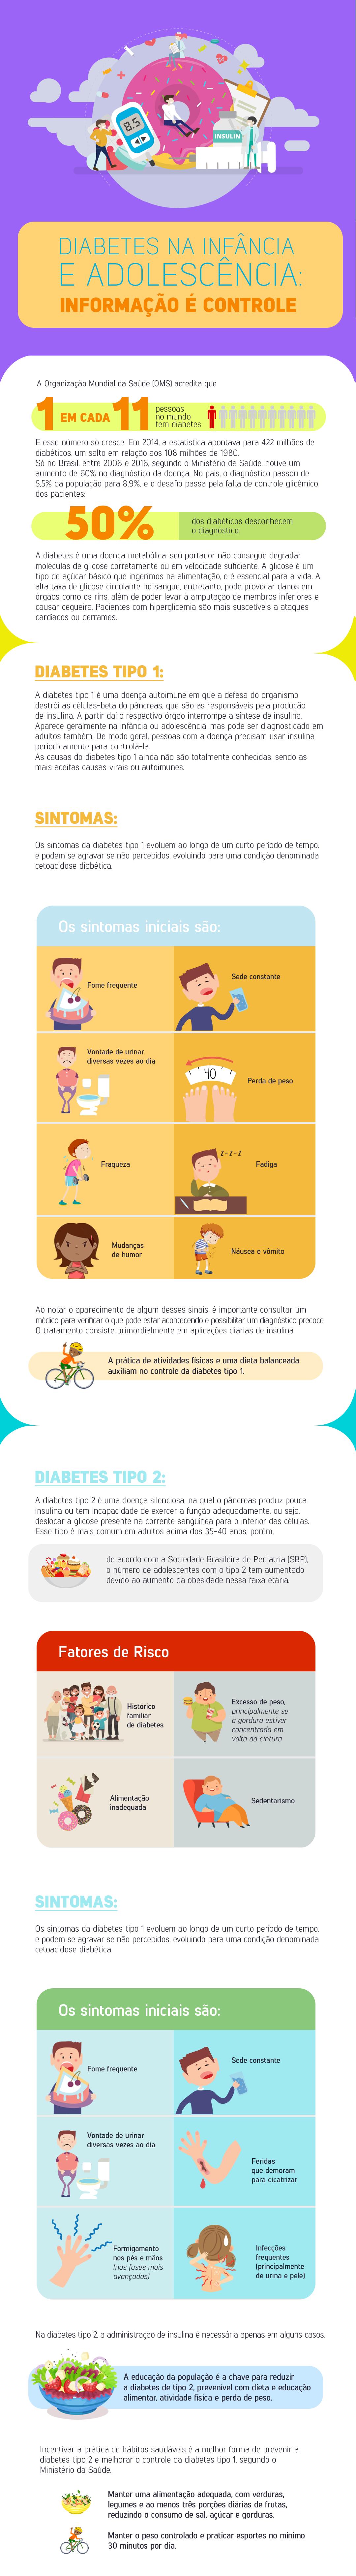 sulamerica-Diabetes-v2